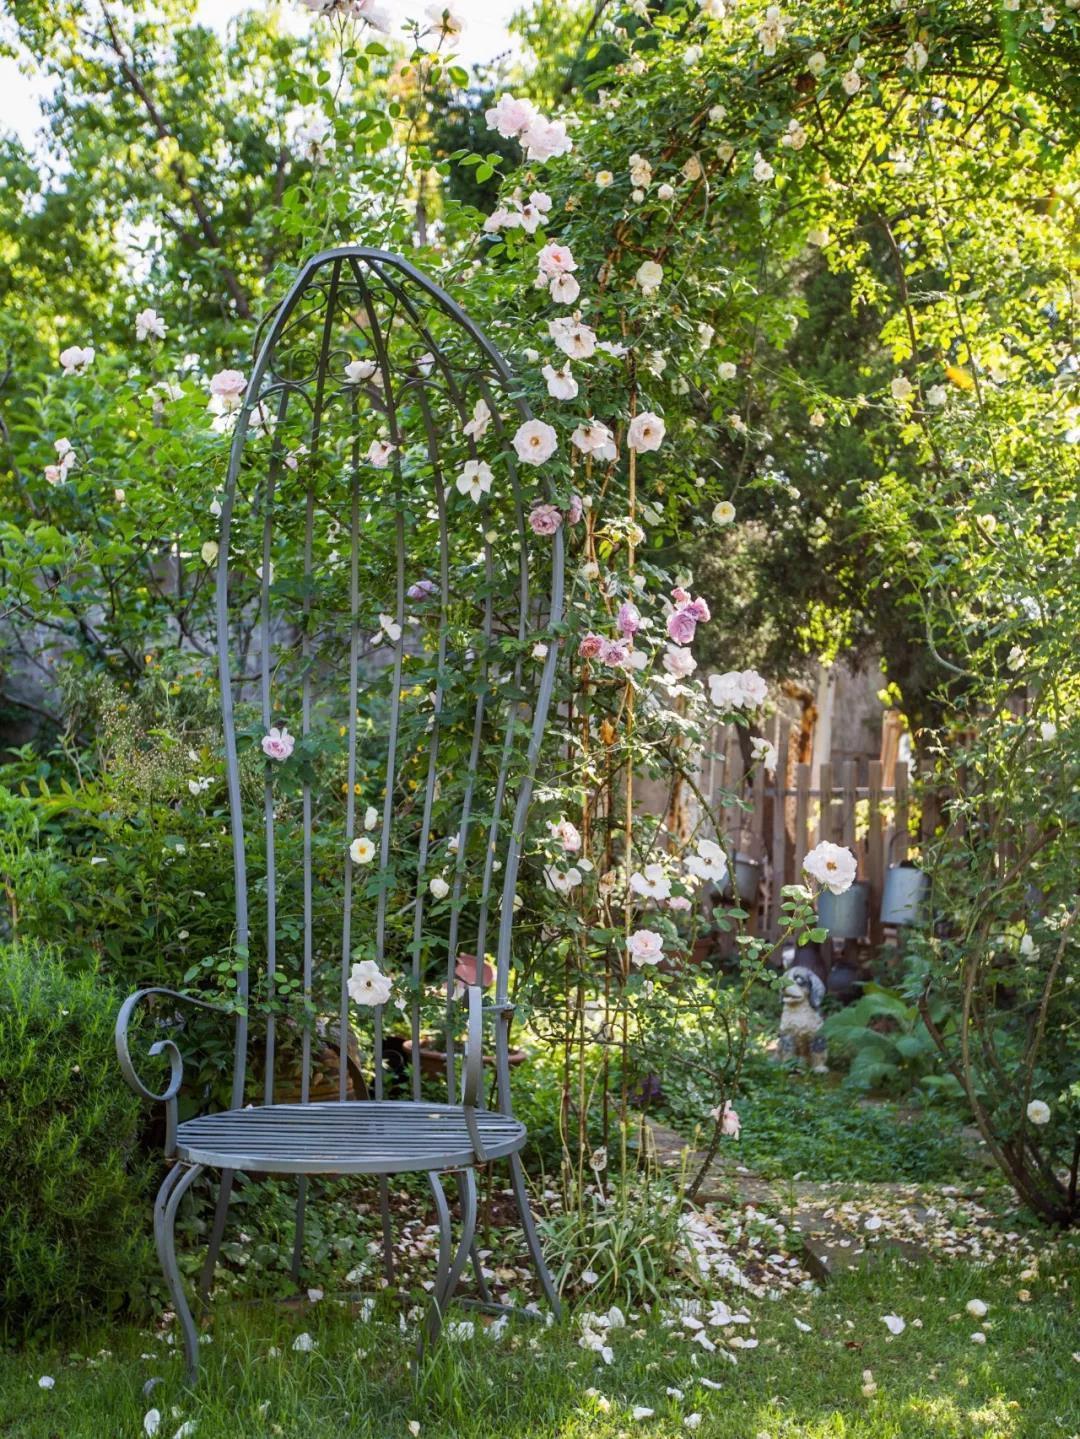 Khu vườn đẹp như chốn thần tiên do người phụ nữ dành tất cả tình yêu trong suốt 16 năm chăm sóc - Ảnh 27.